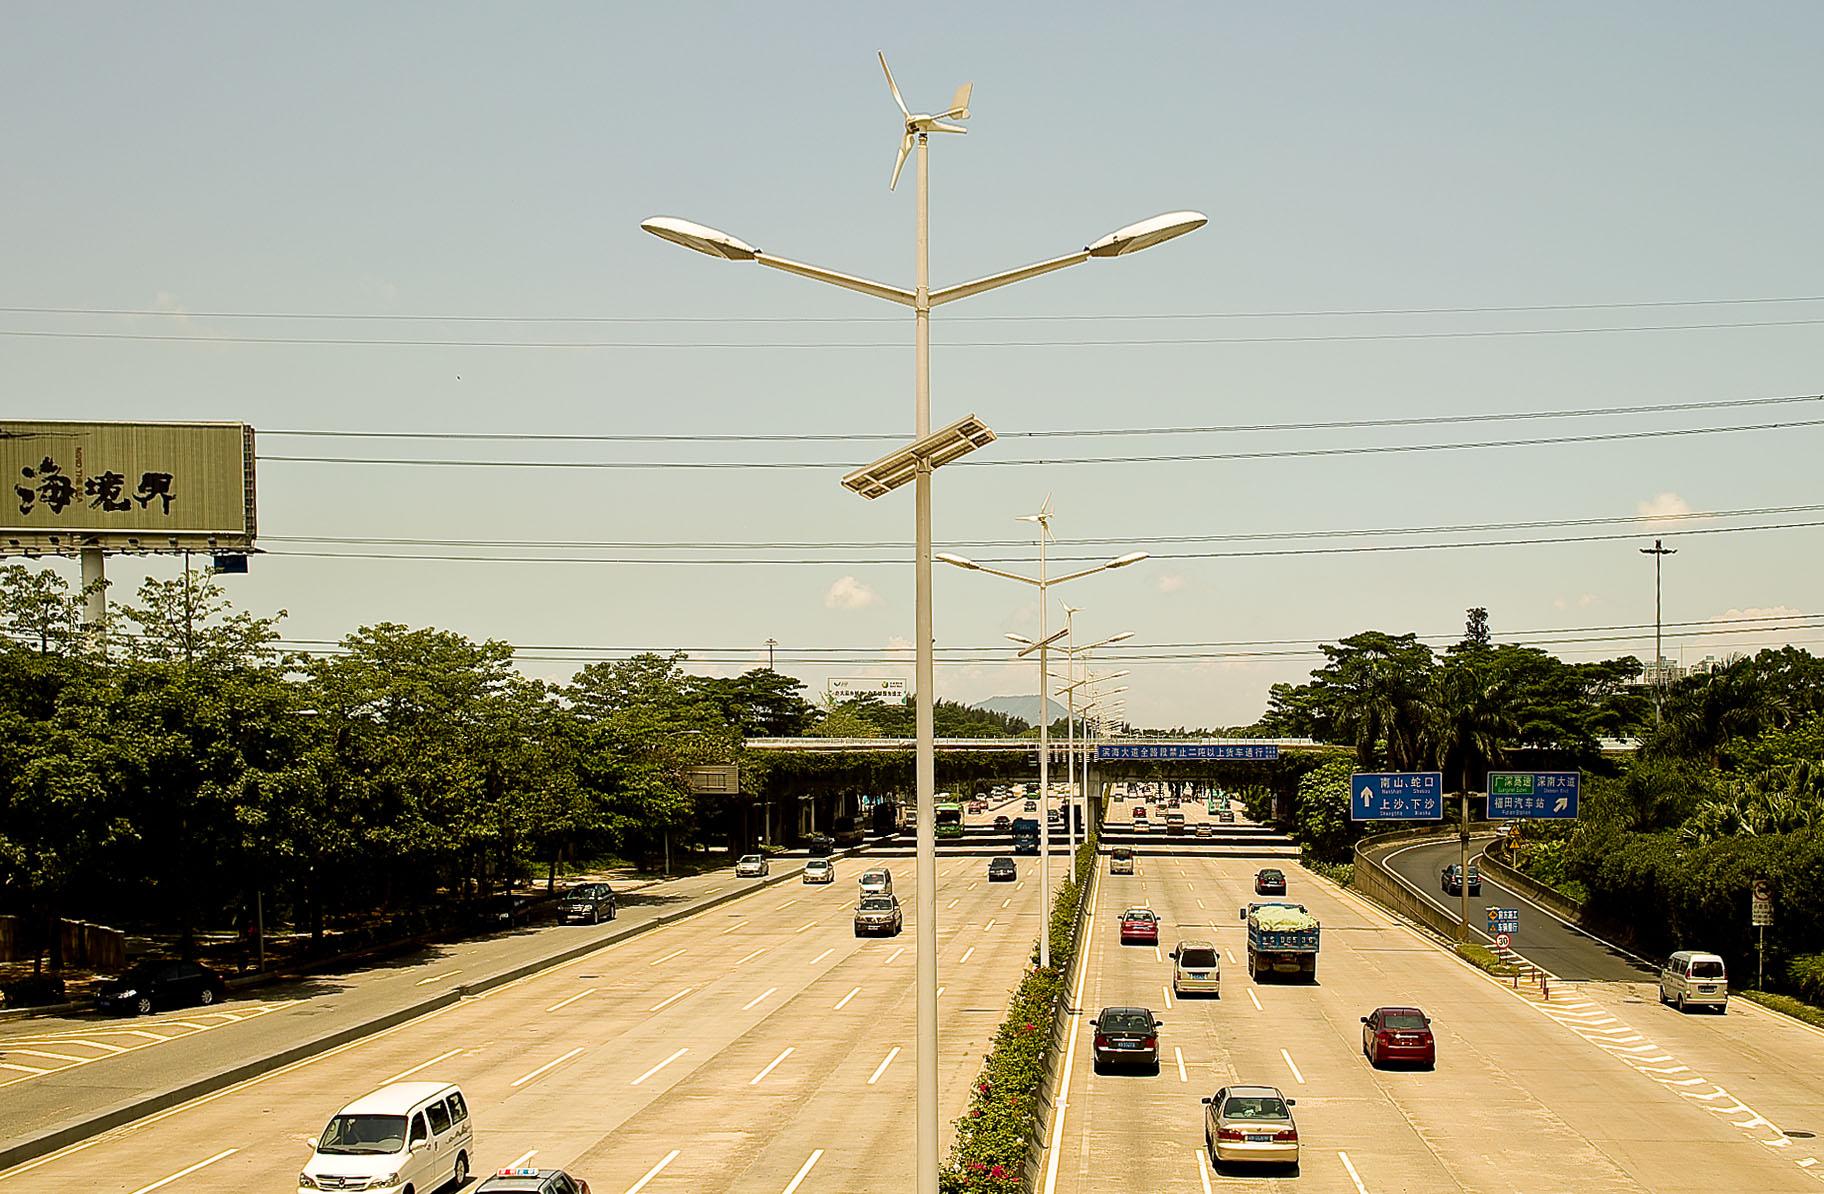 Renewable energy freeway lights